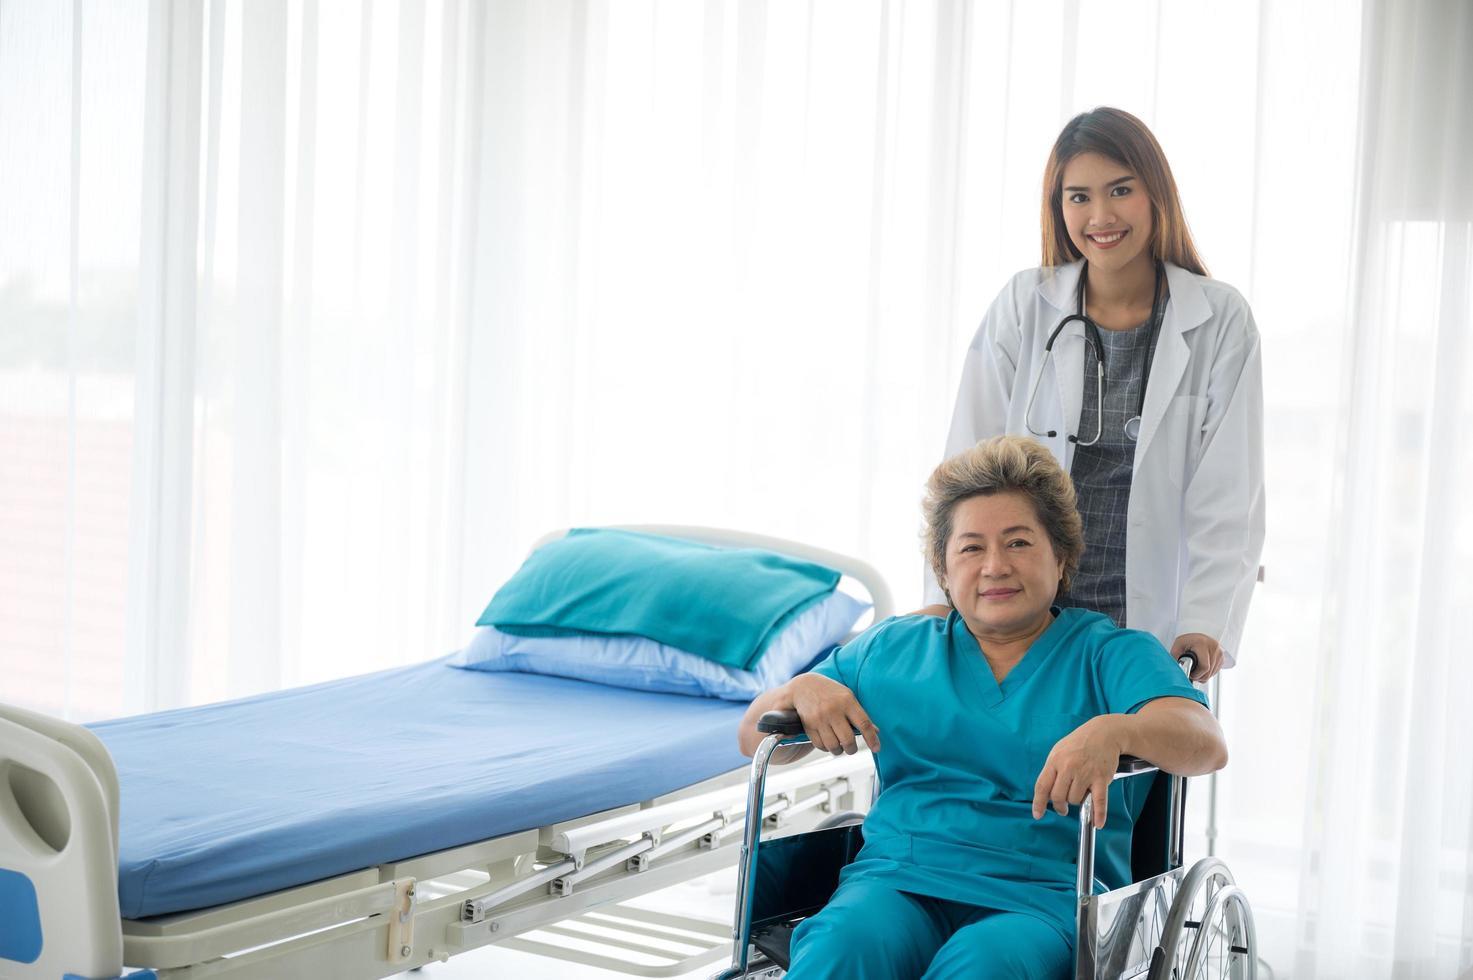 El médico está controlando la salud de los pacientes de edad avanzada en el hospital. foto